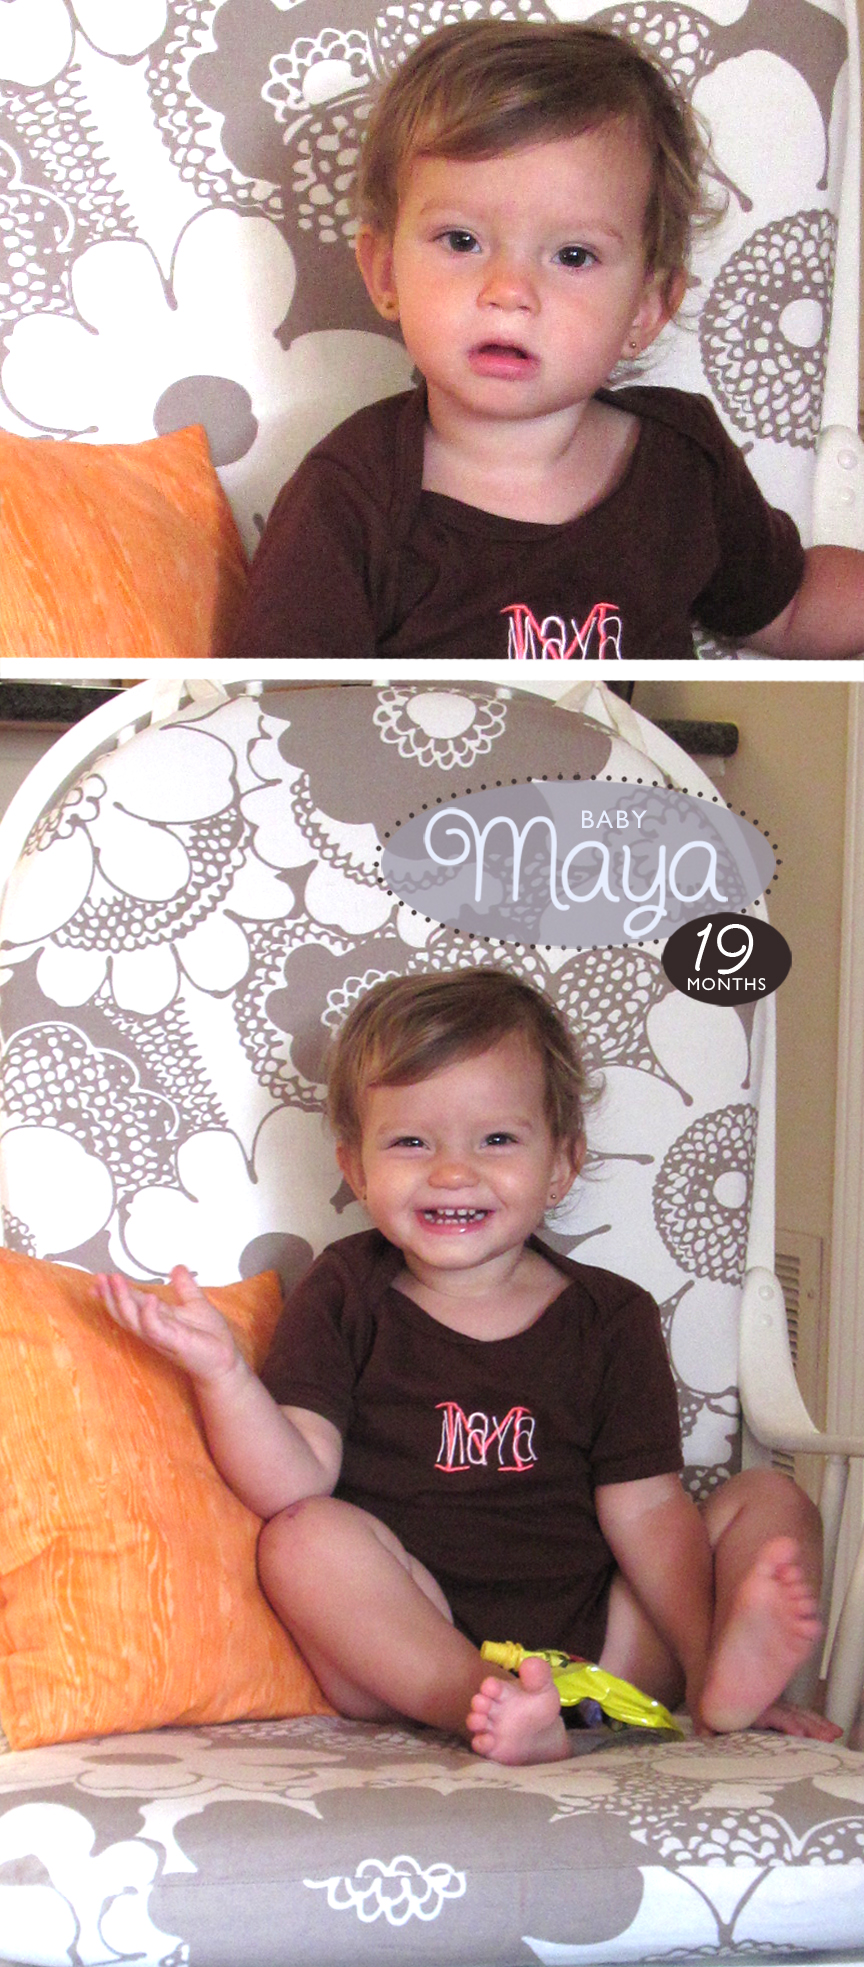 Maya19 Months